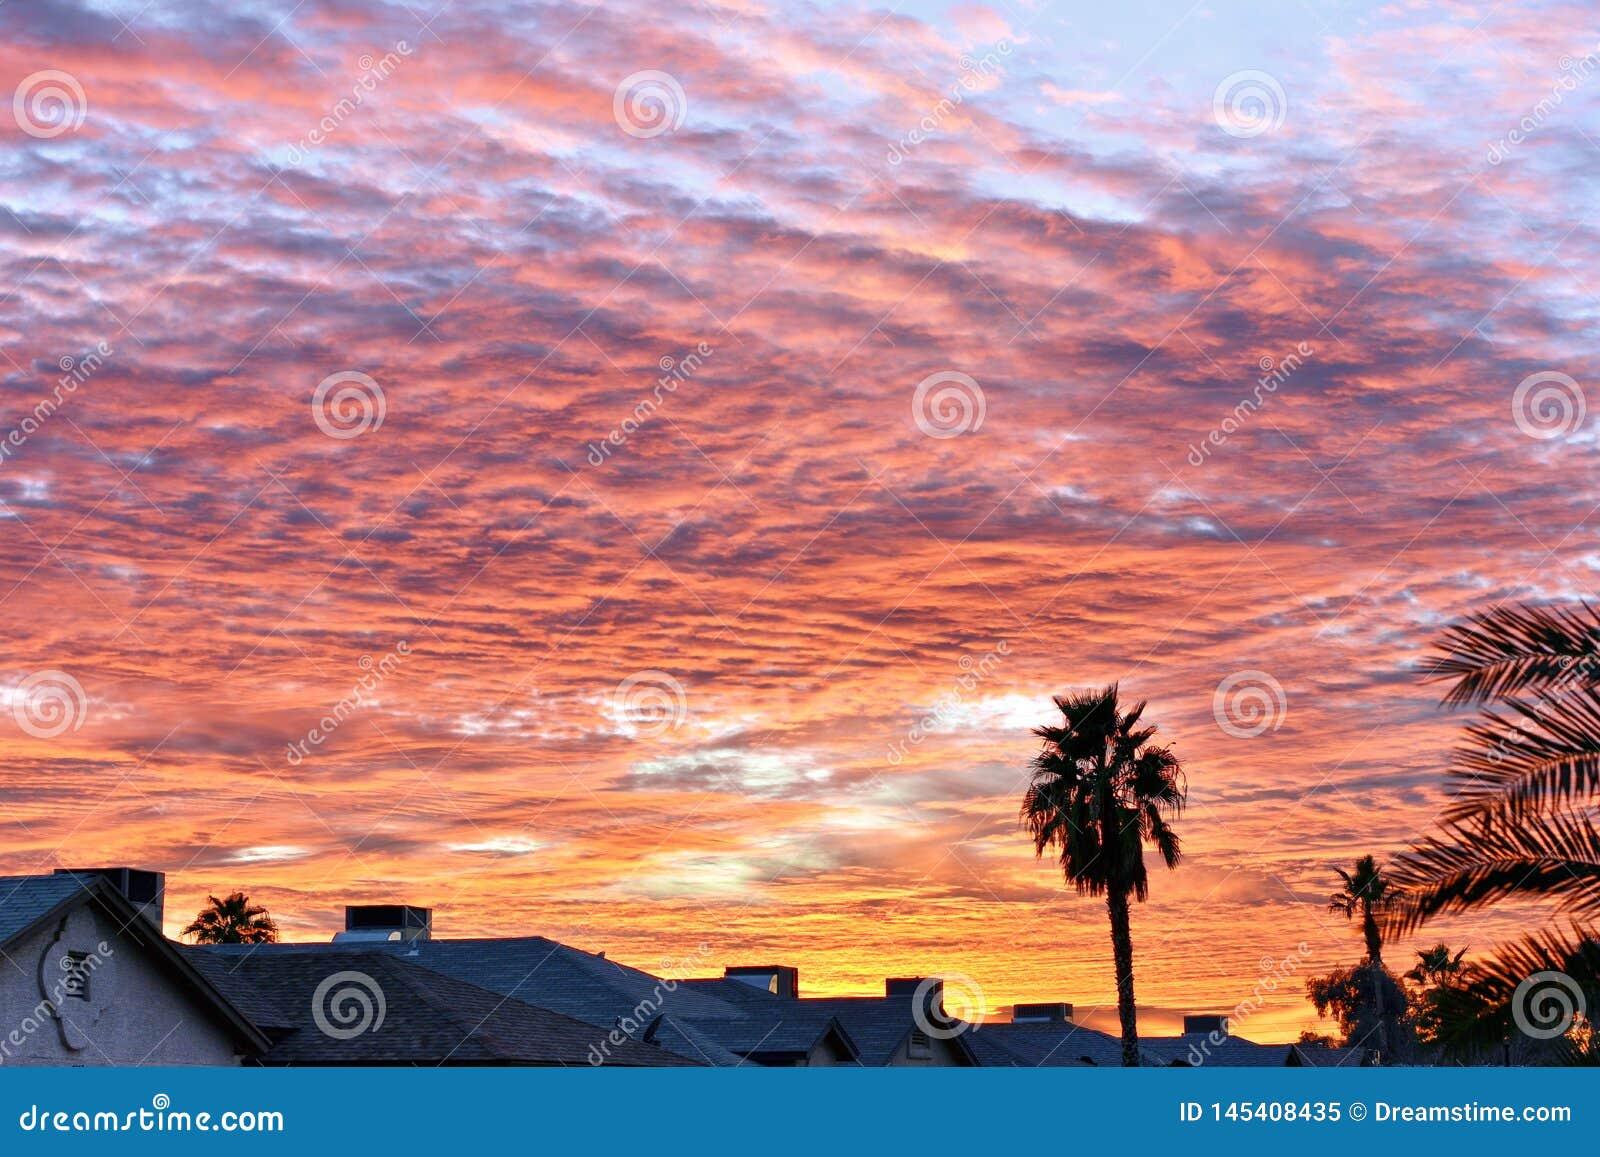 Sch?ne Orange und rosa Arizona-Sonnenuntergang